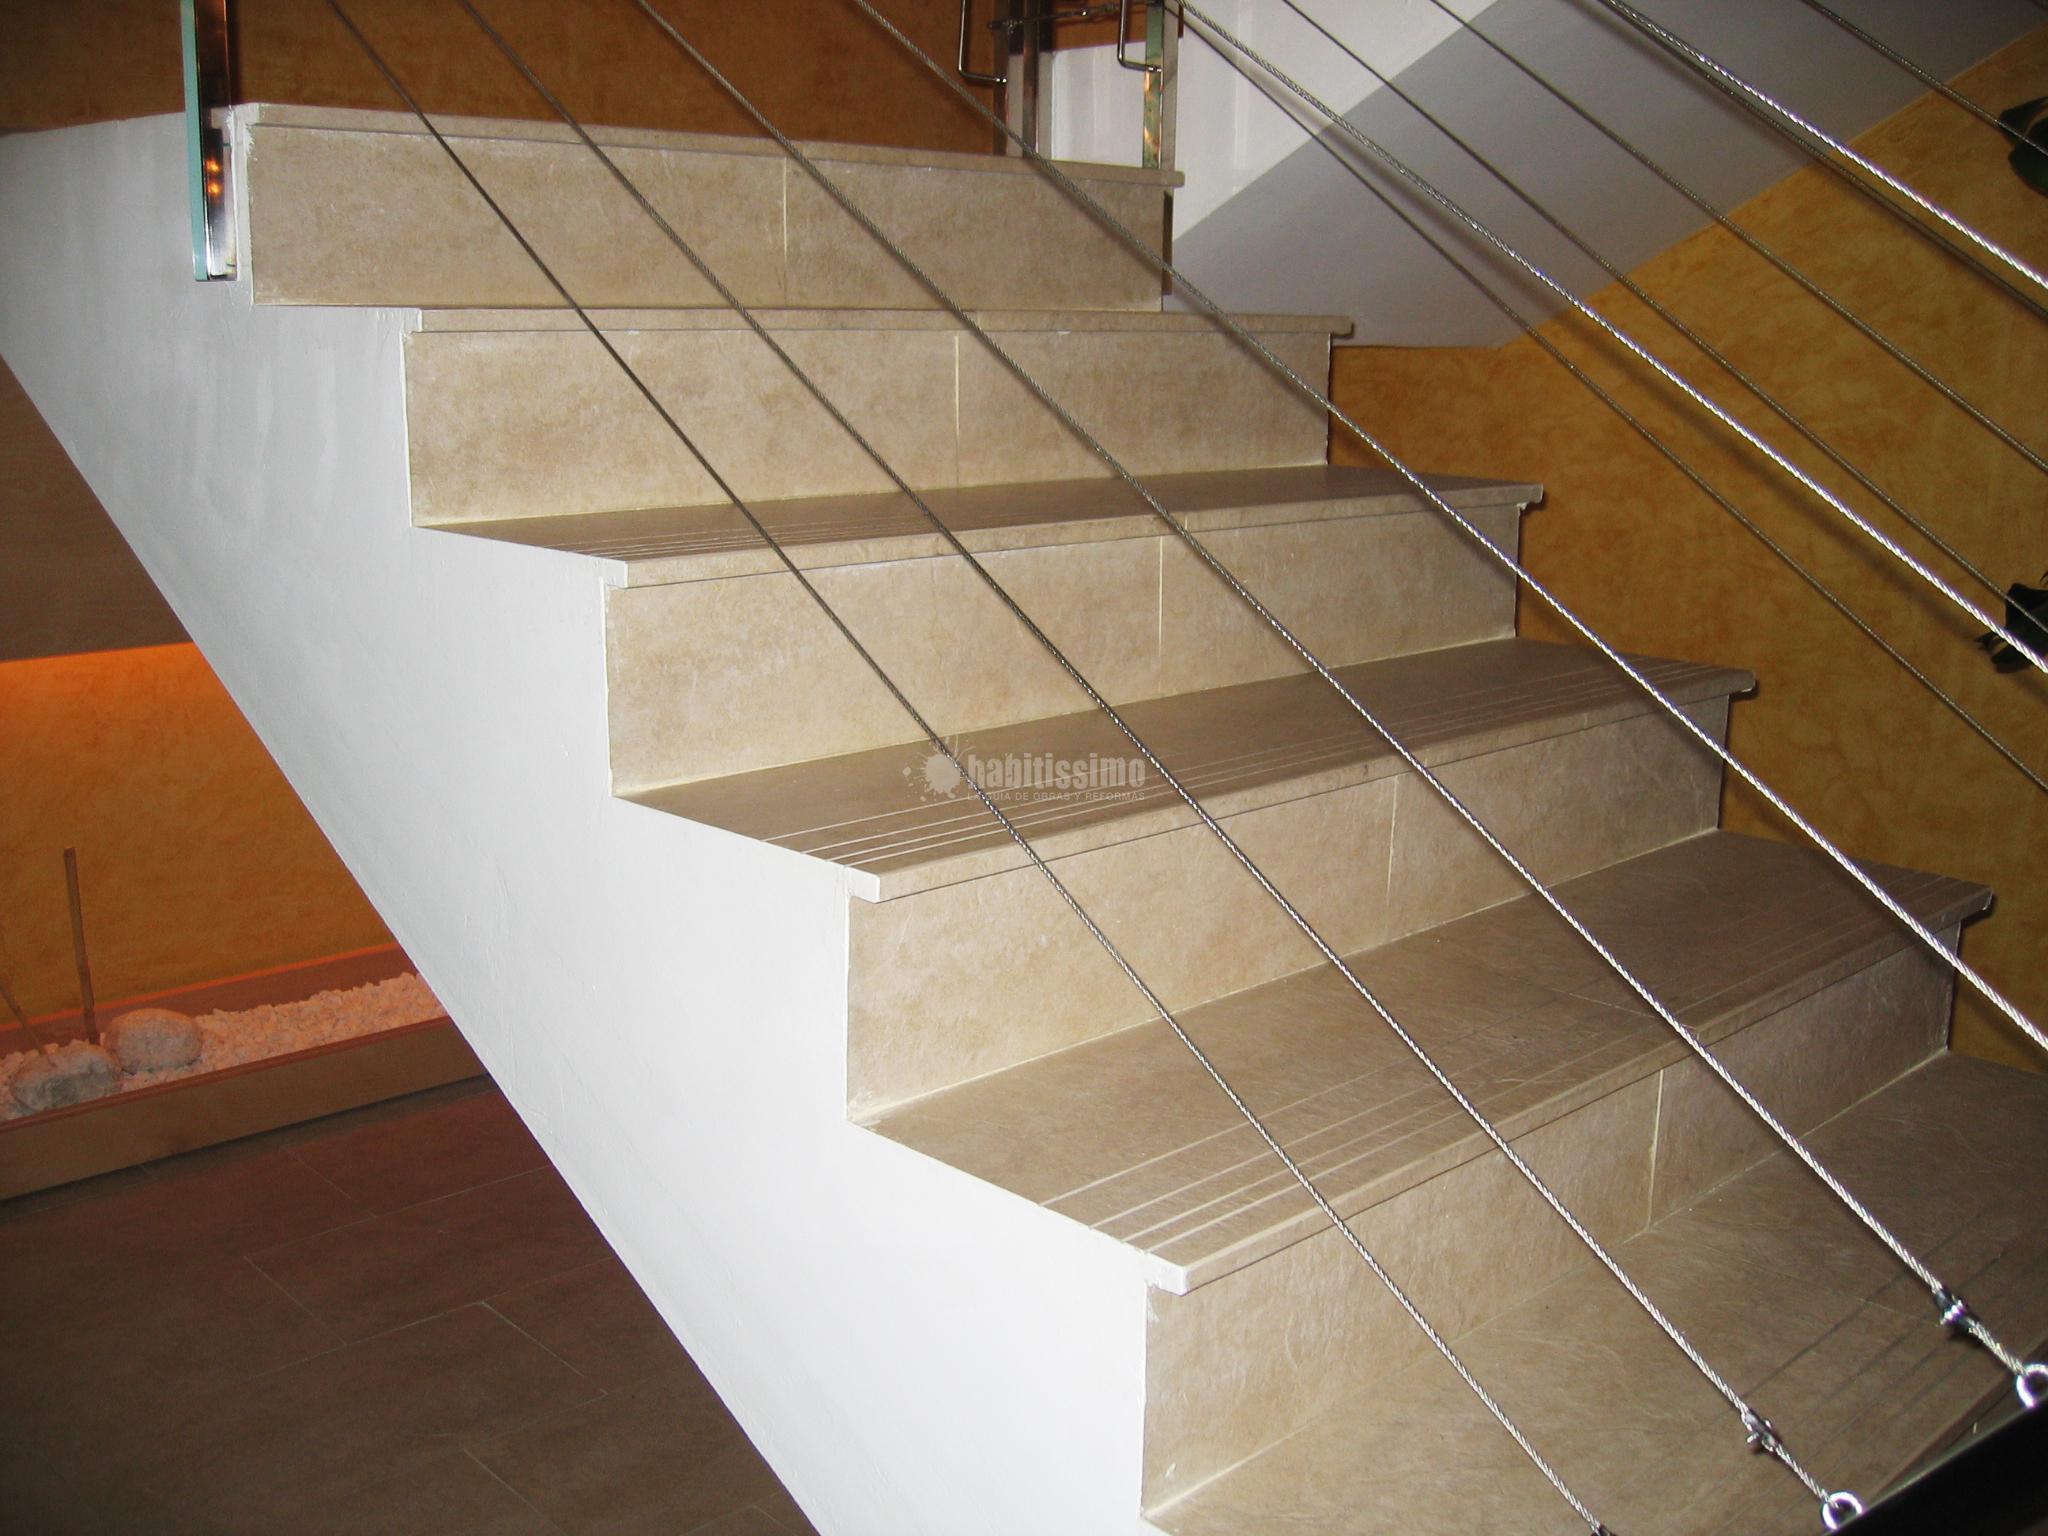 Escalera con pelda os porcel nicos ideas alba iles - Escaleras de peldanos ...